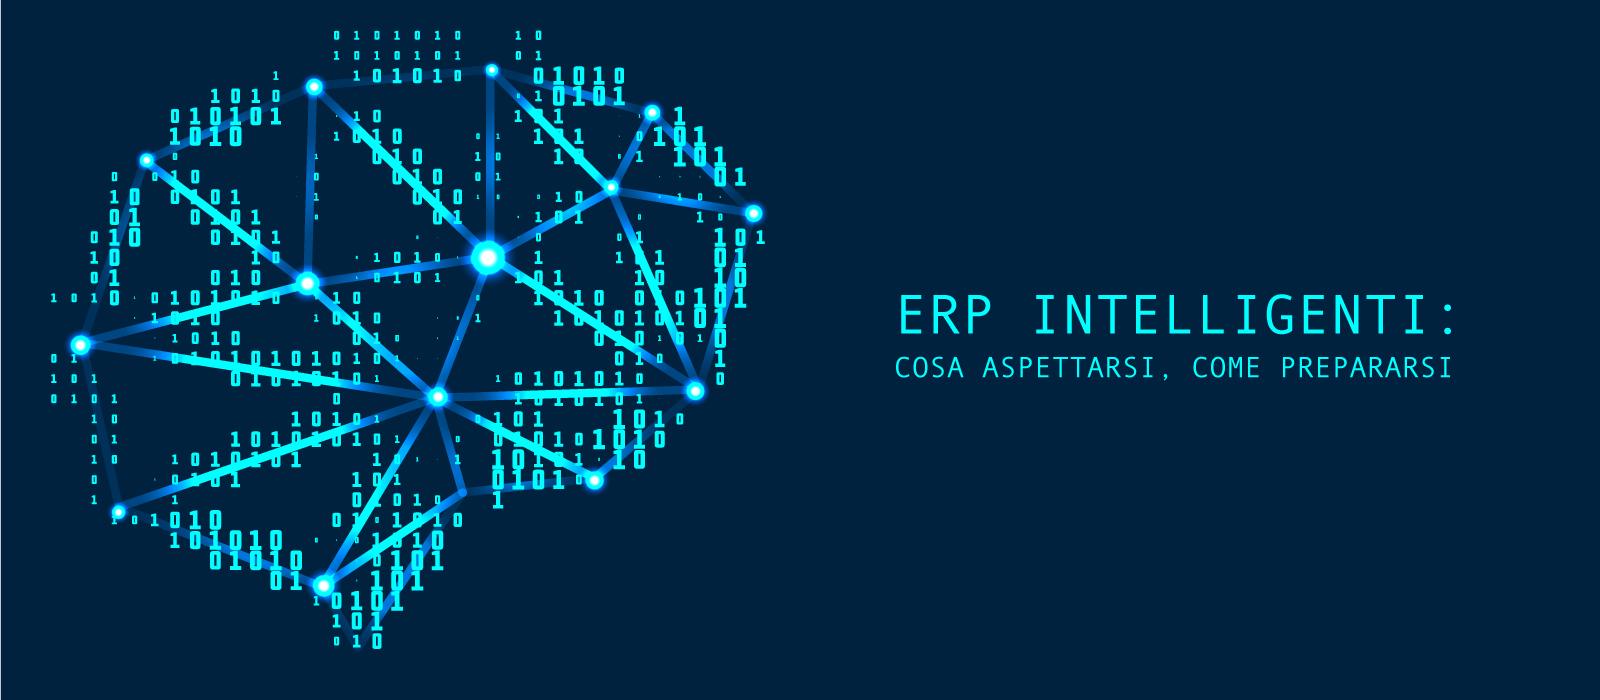 i-ERP: come prepararsi all'arrivo degli ERP intelligenti